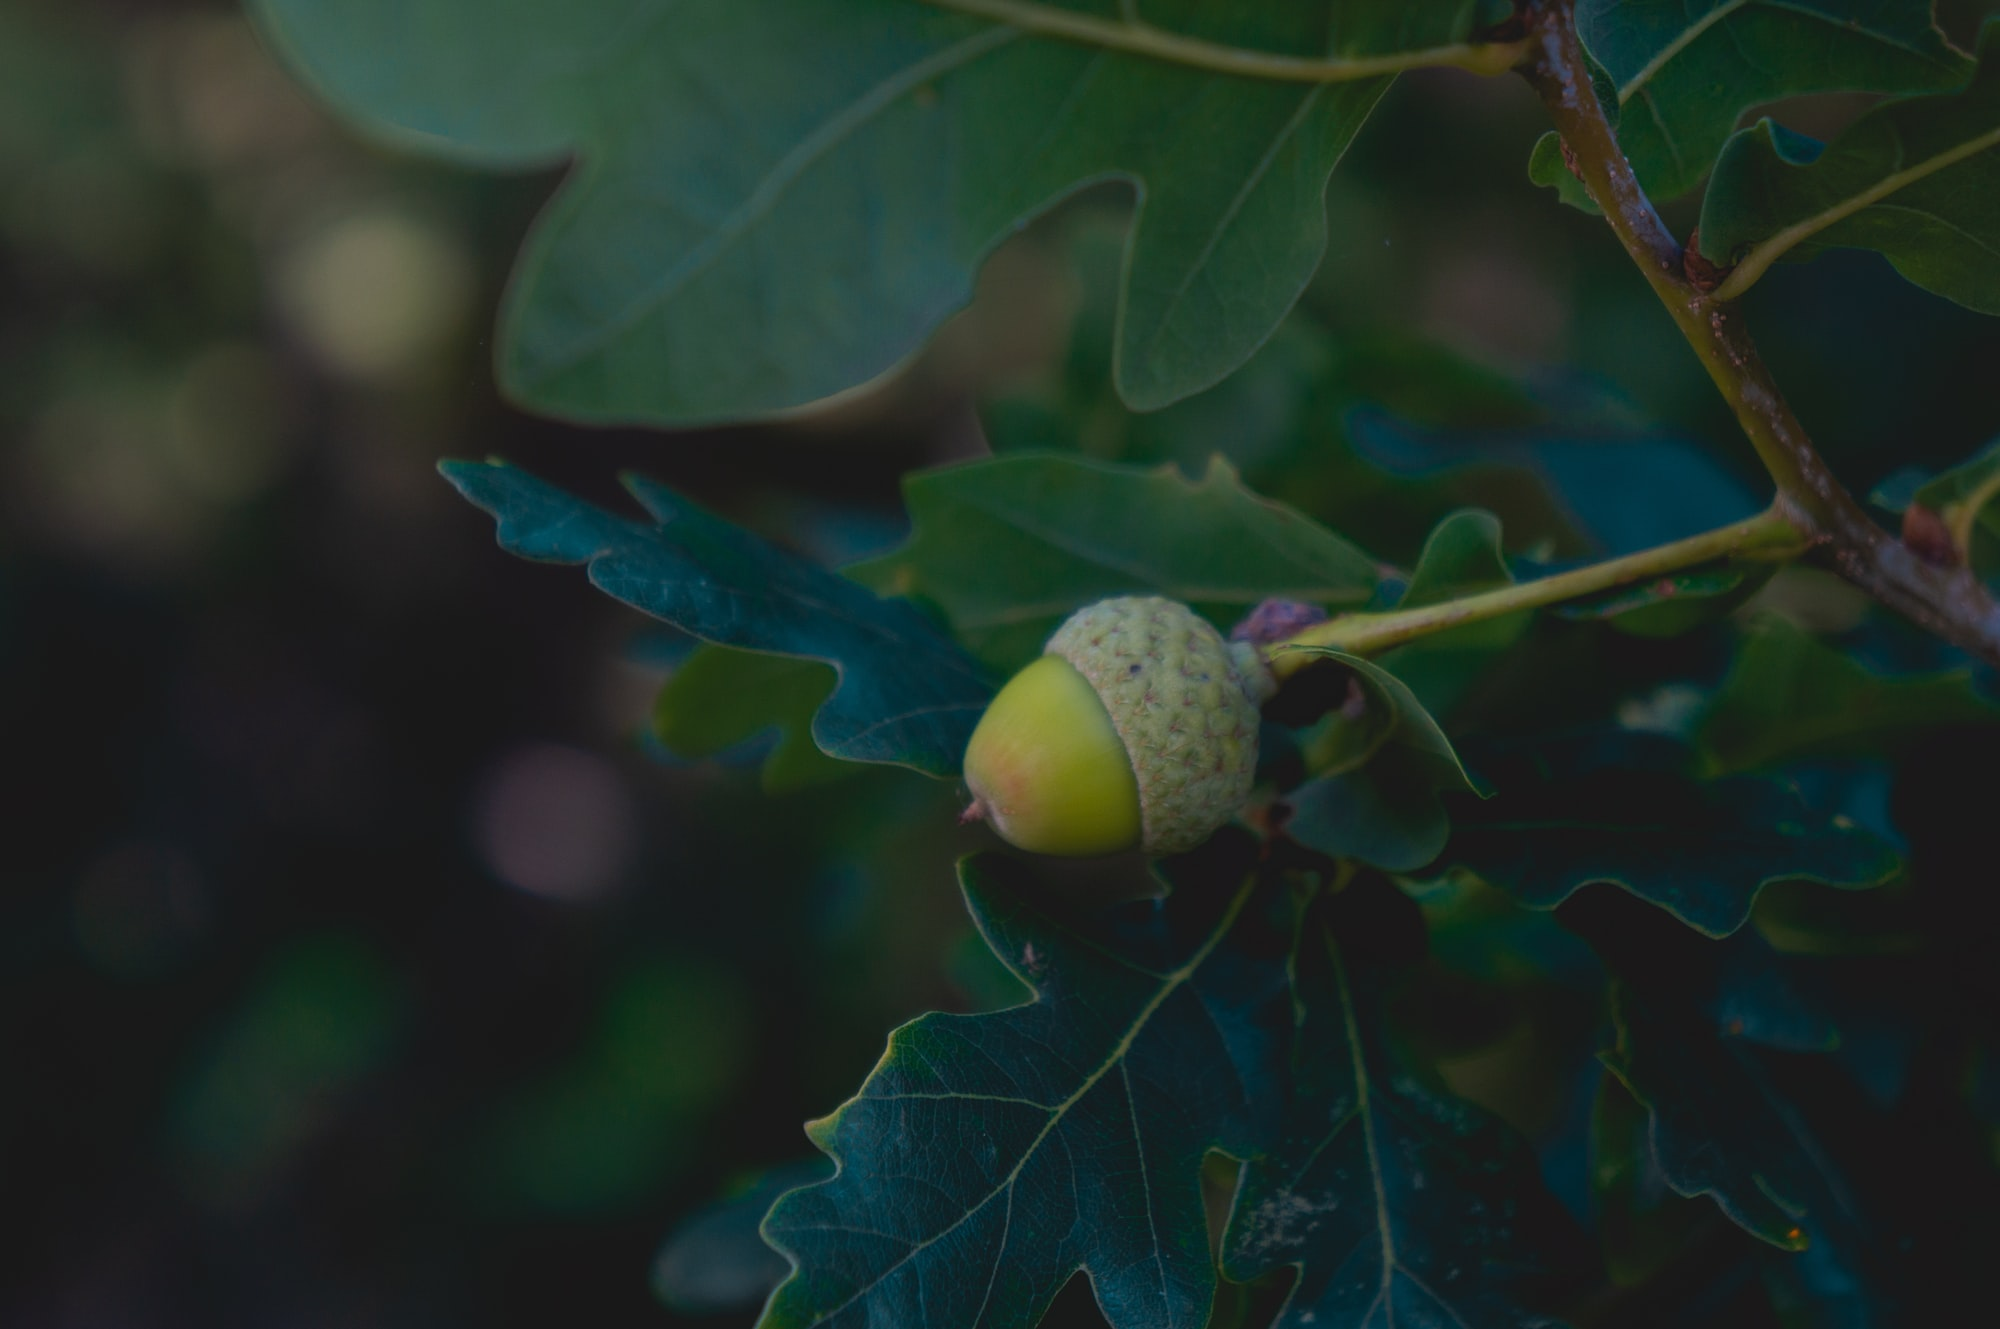 Acorn on an oak tree